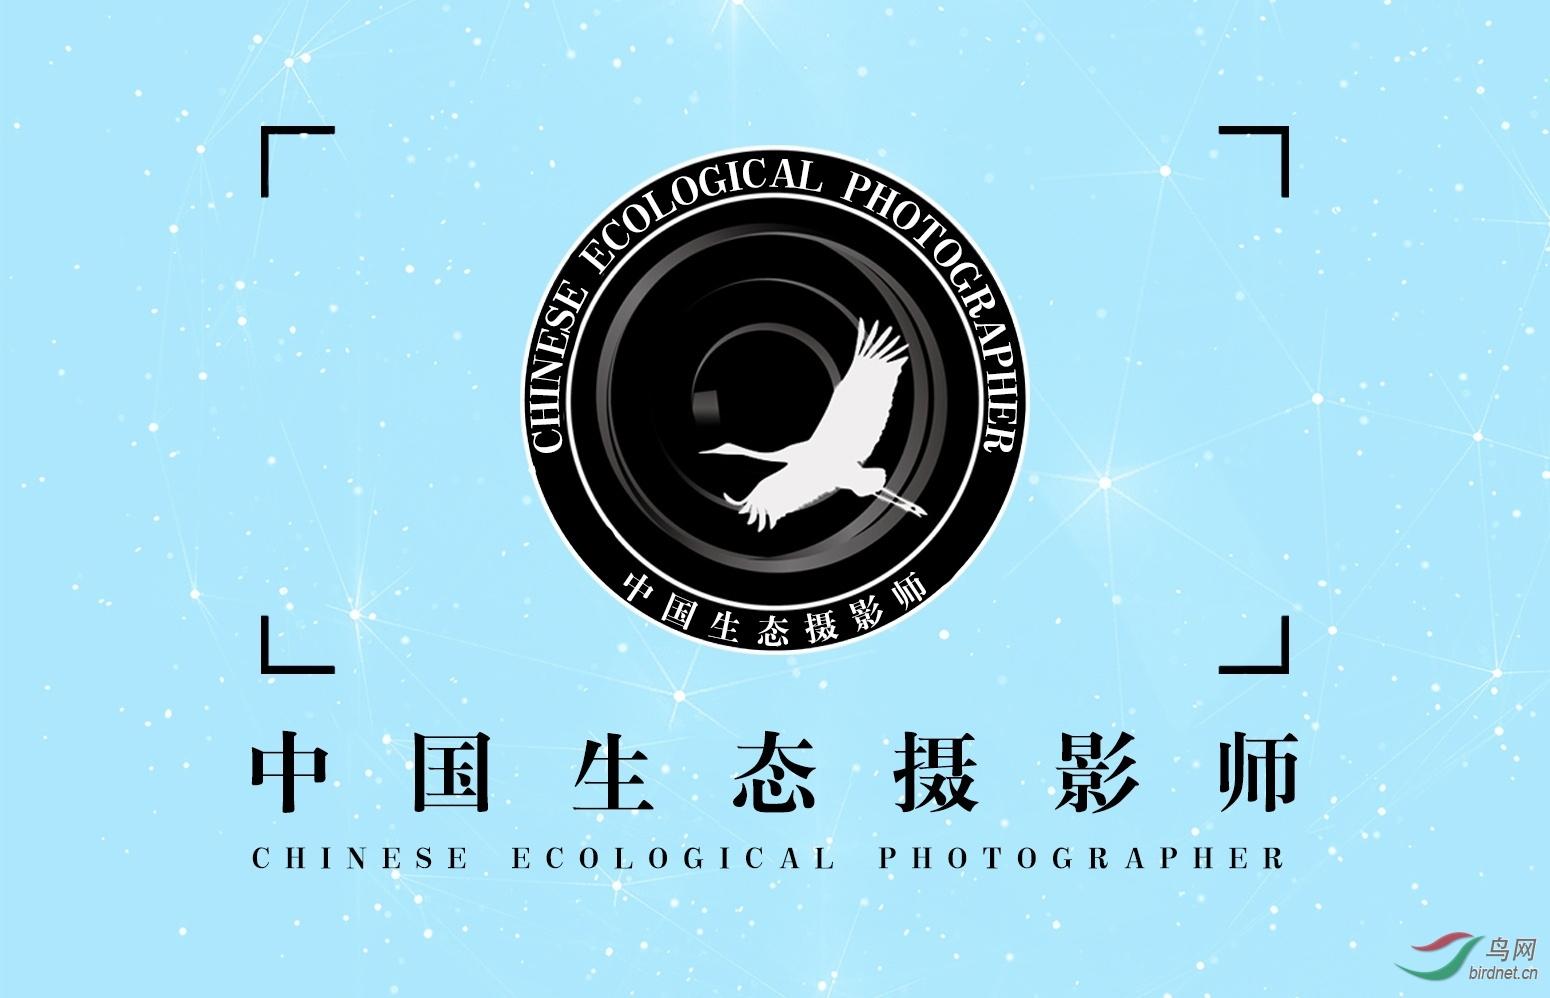 中国生态摄影师图标.jpg